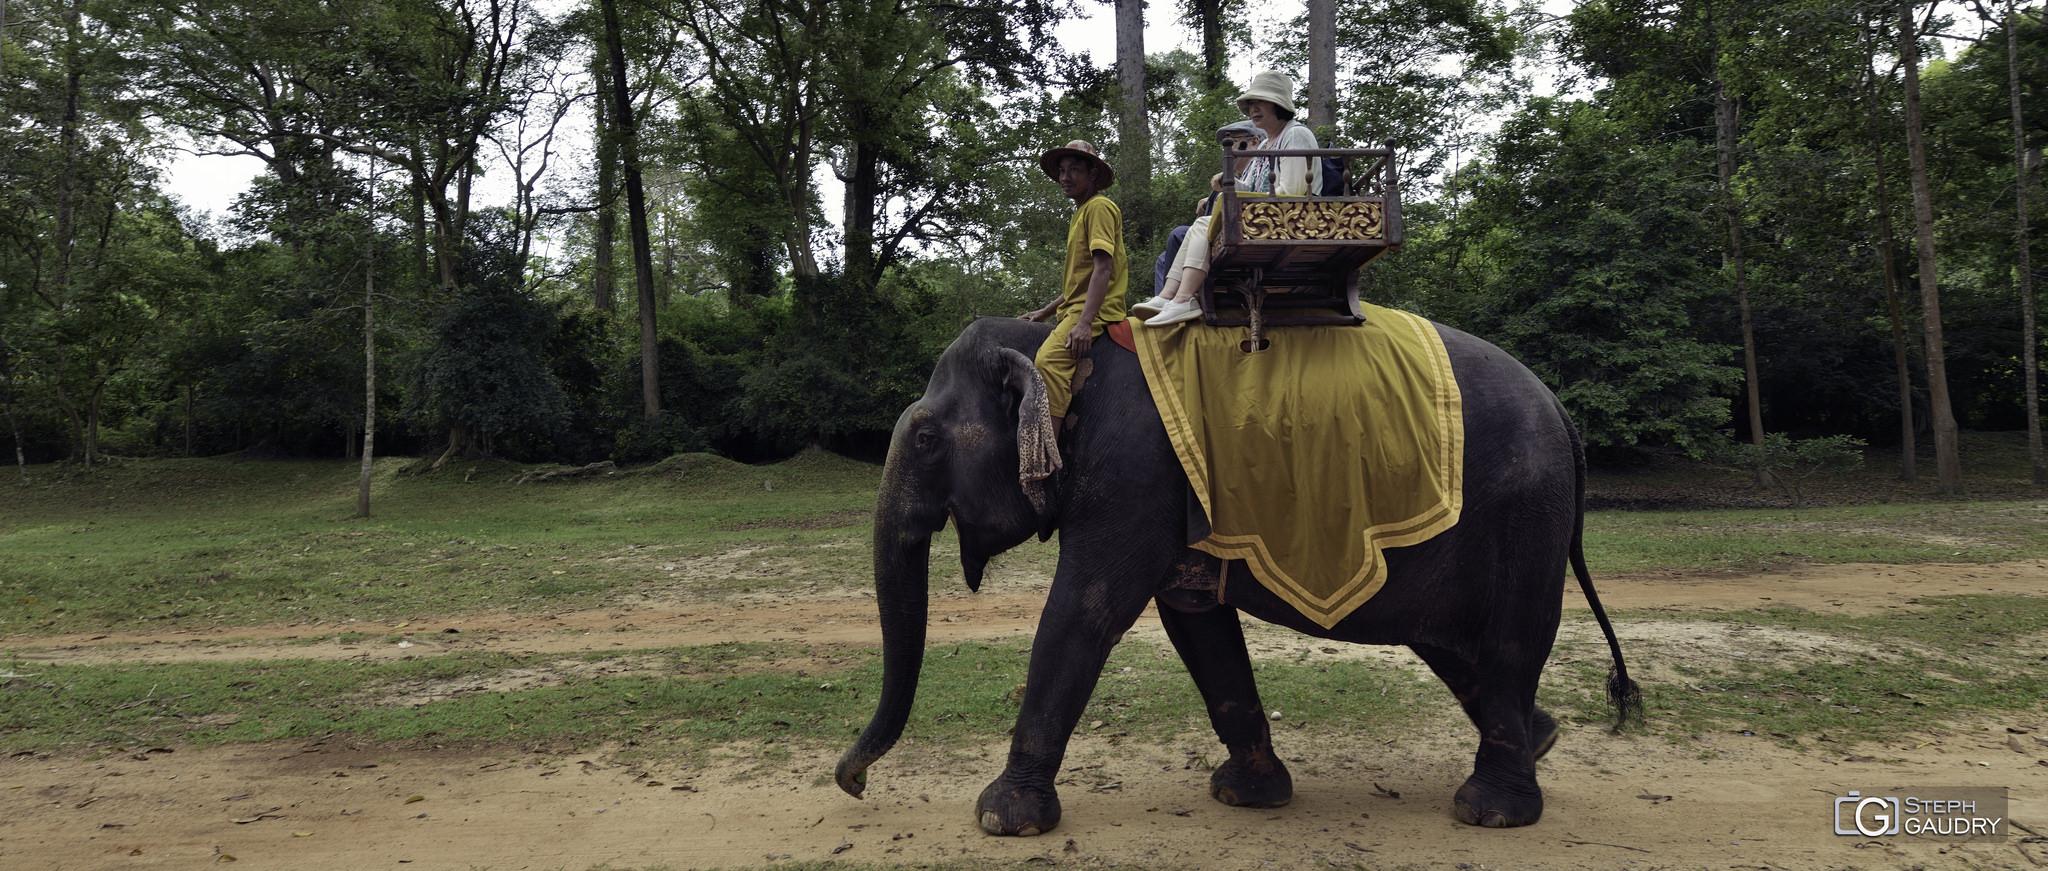 Eléphant au Cambodge